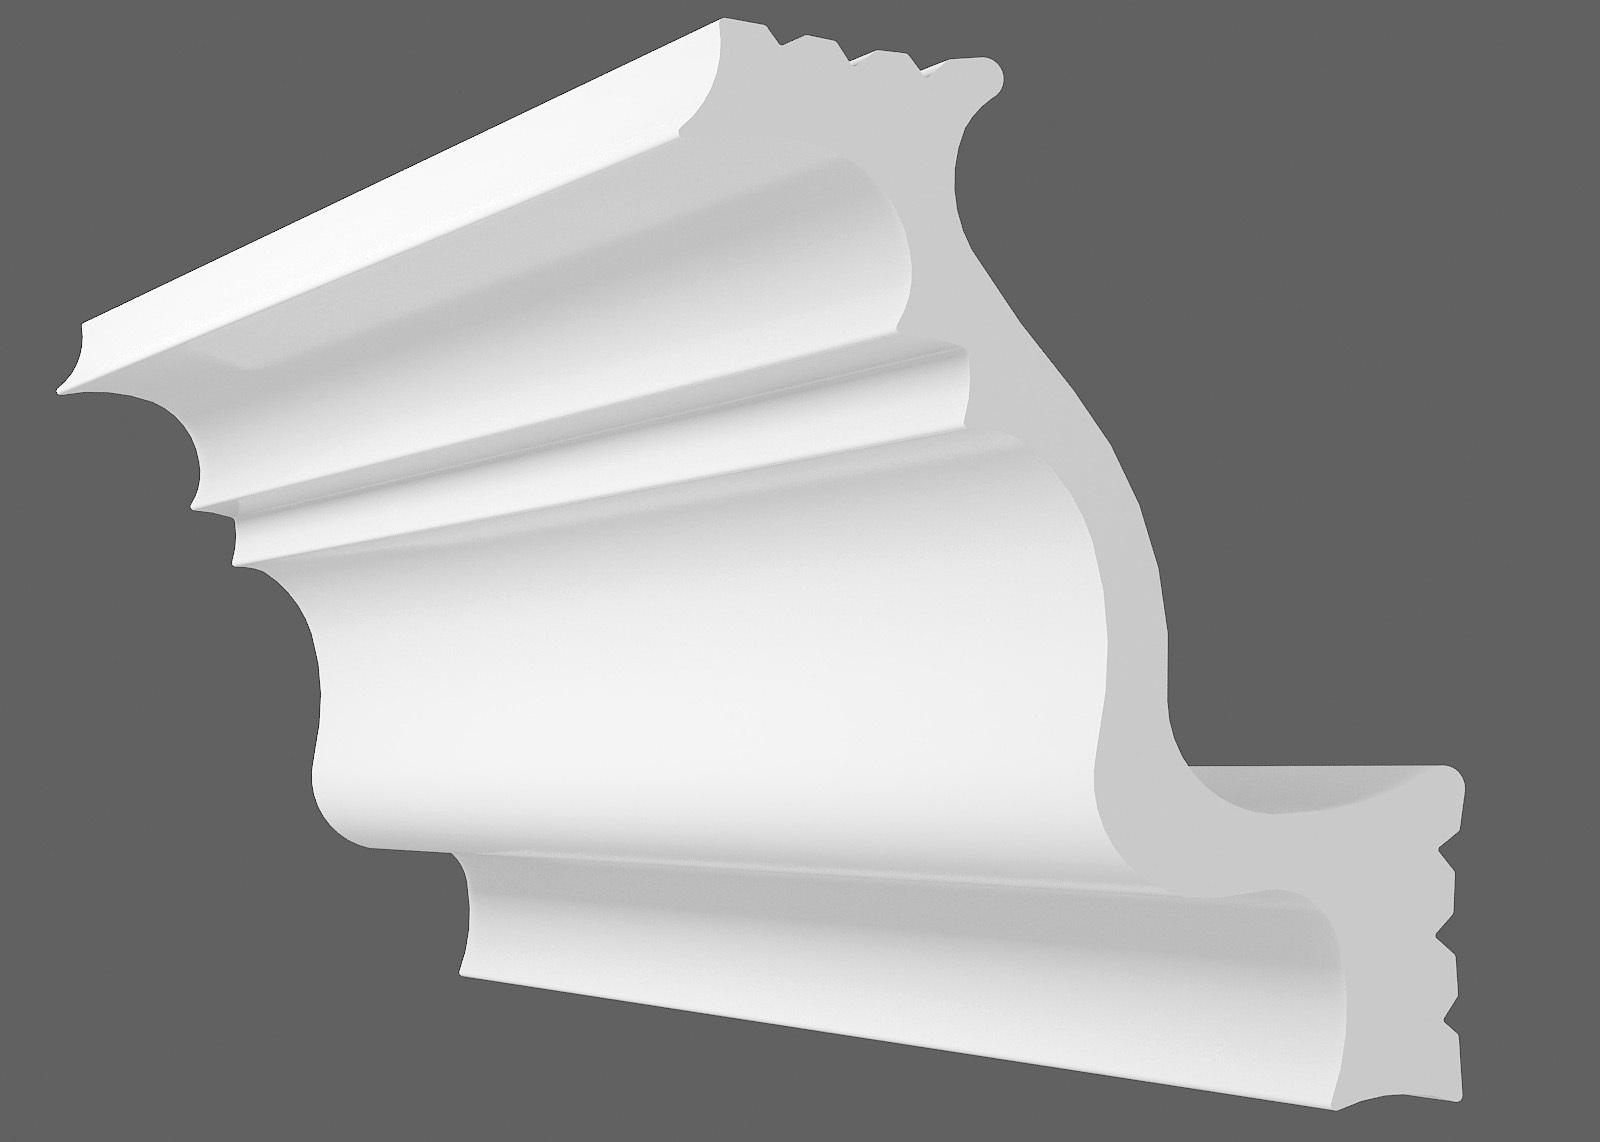 Потолочный плинтус D-50 (Размер:40х50мм)